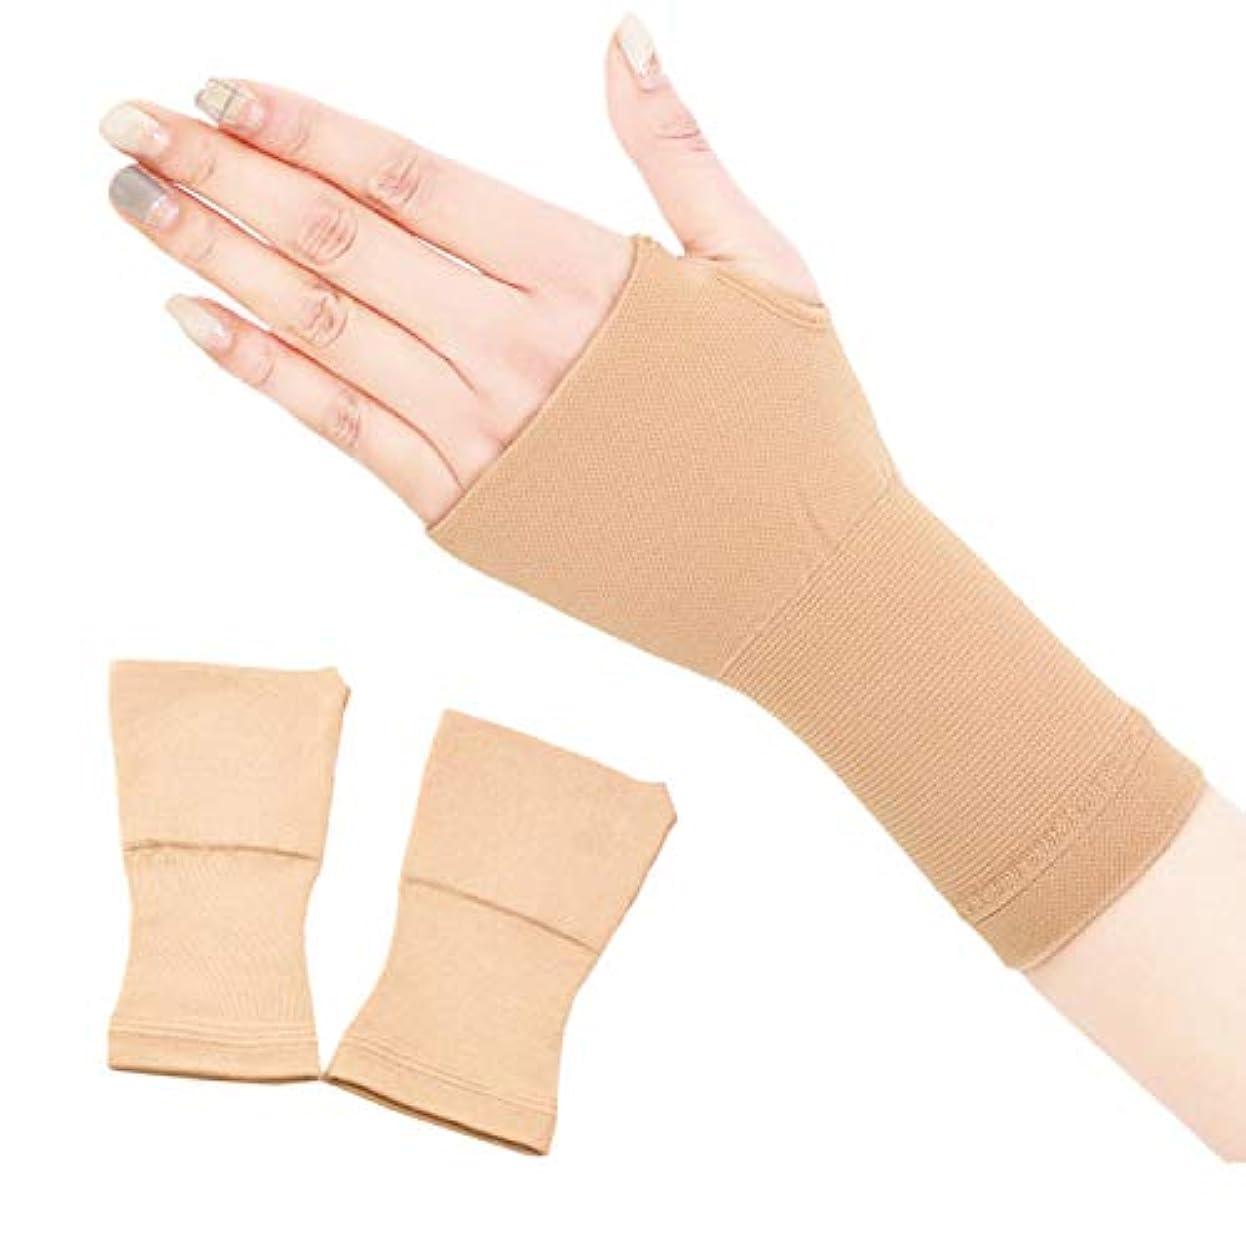 修道院鎮痛剤発明関節痛のための2個の手首サポート手首ラップブレース手根管腱鞘炎圧縮弾性ソフト加リストバンドグレート,L